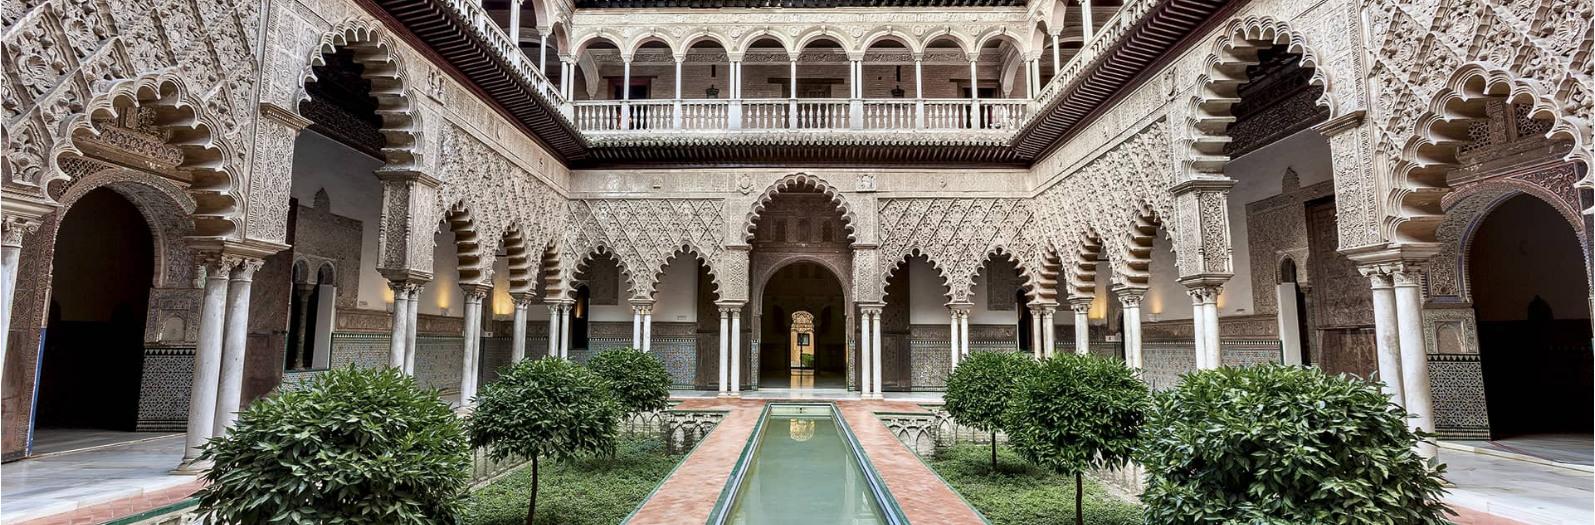 Alcazar Sevilla Adarve Travel